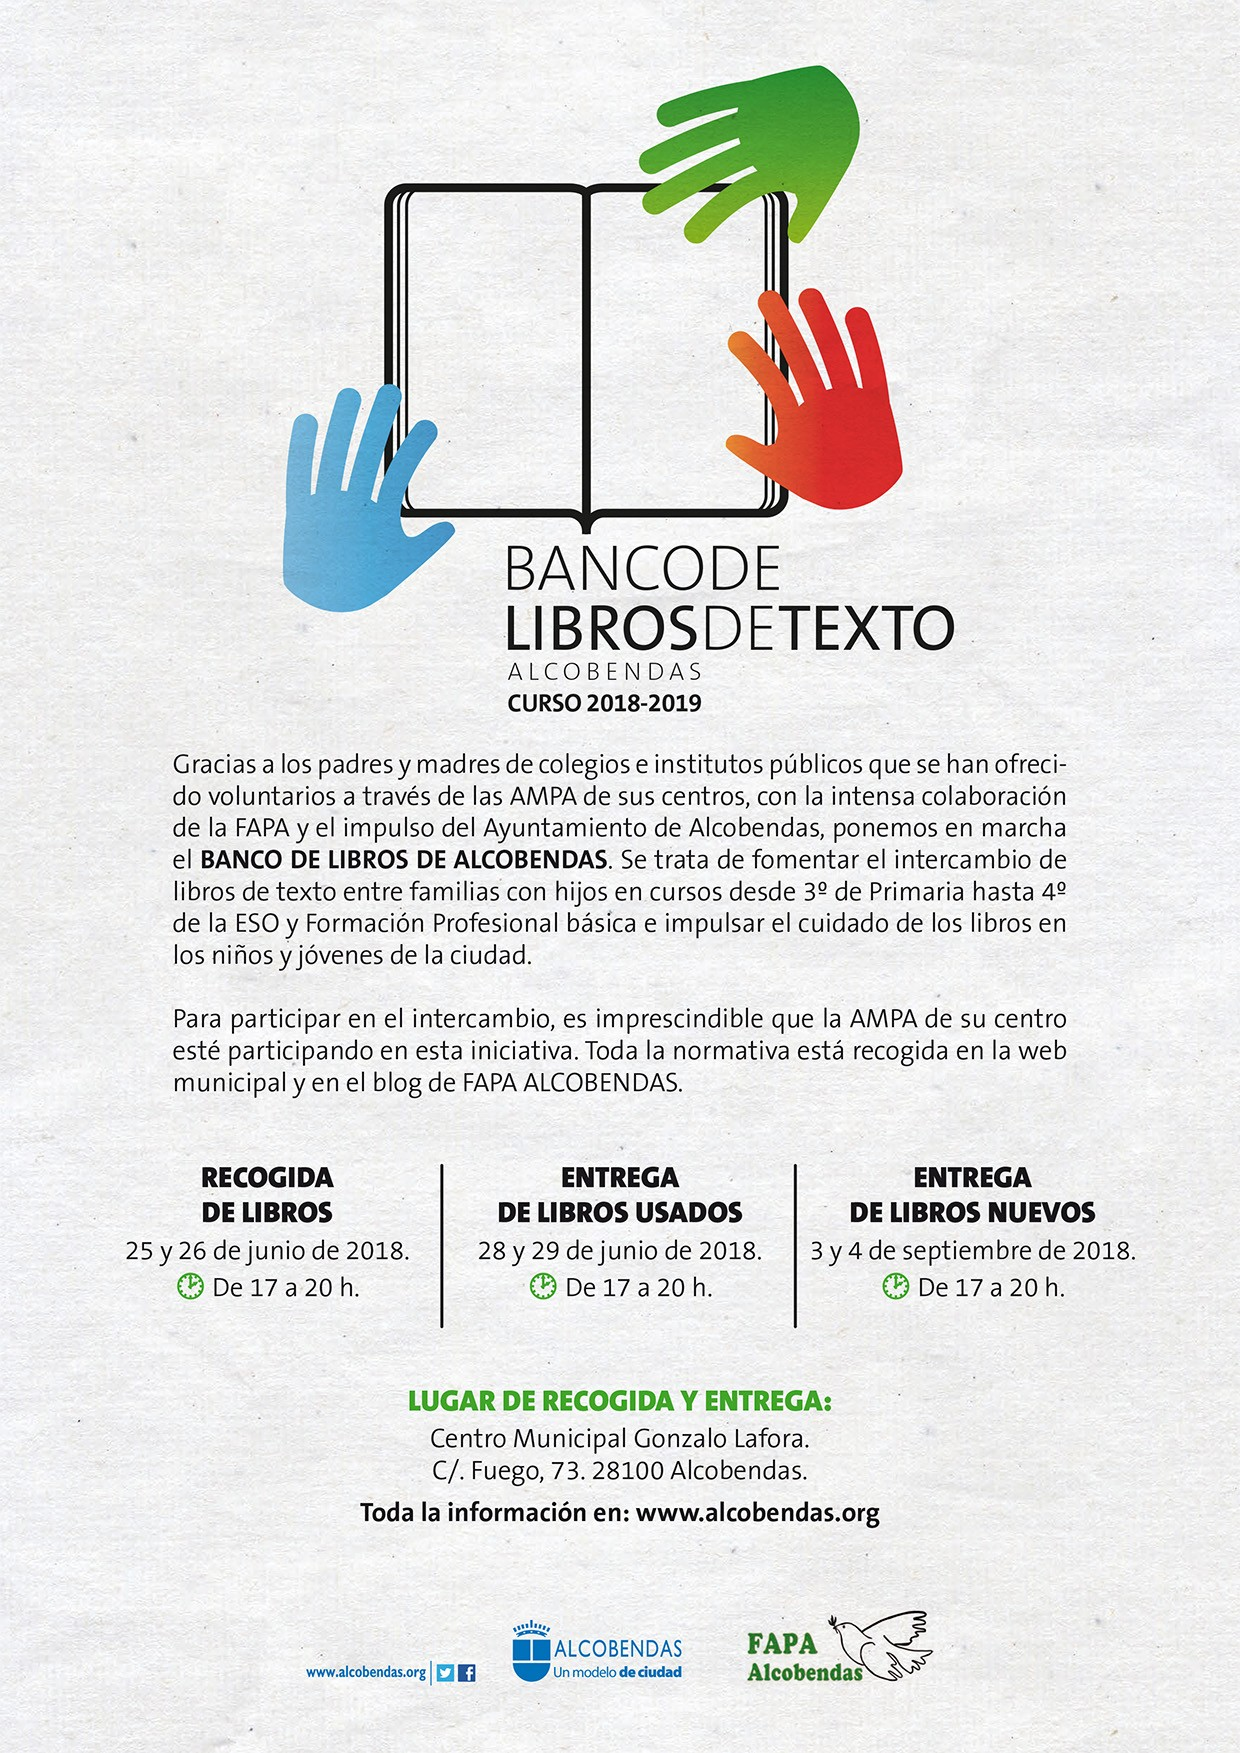 Calendario 2019 Escolar Aragon Más Reciente Ies Severo Ochoa Of Calendario 2019 Escolar Aragon Más Recientemente Liberado I E S Virgen Del Pilar